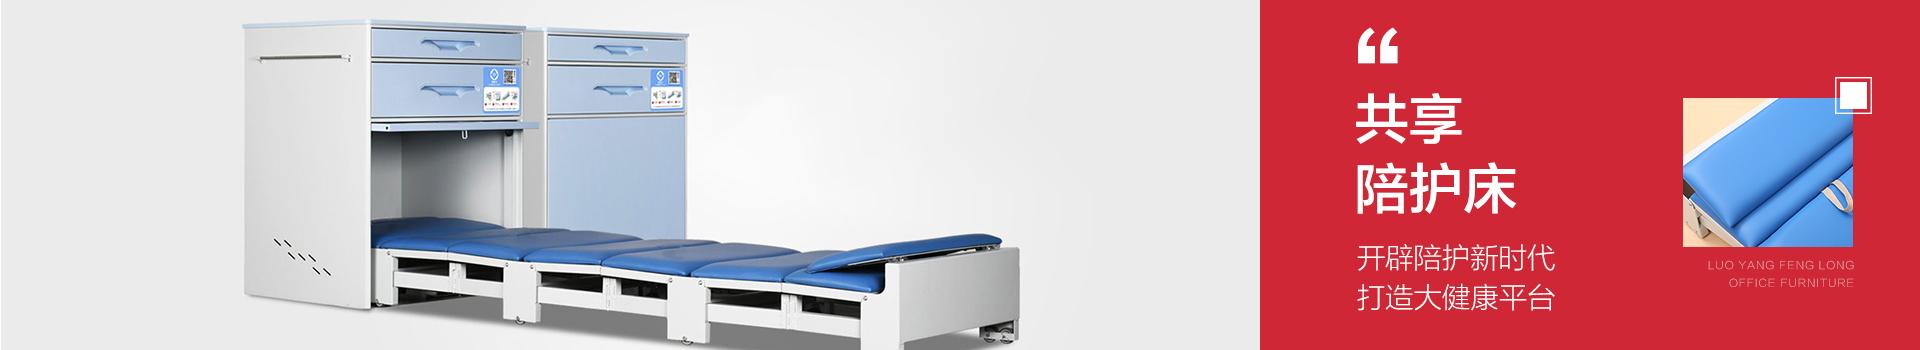 钢制办公家具创新品牌